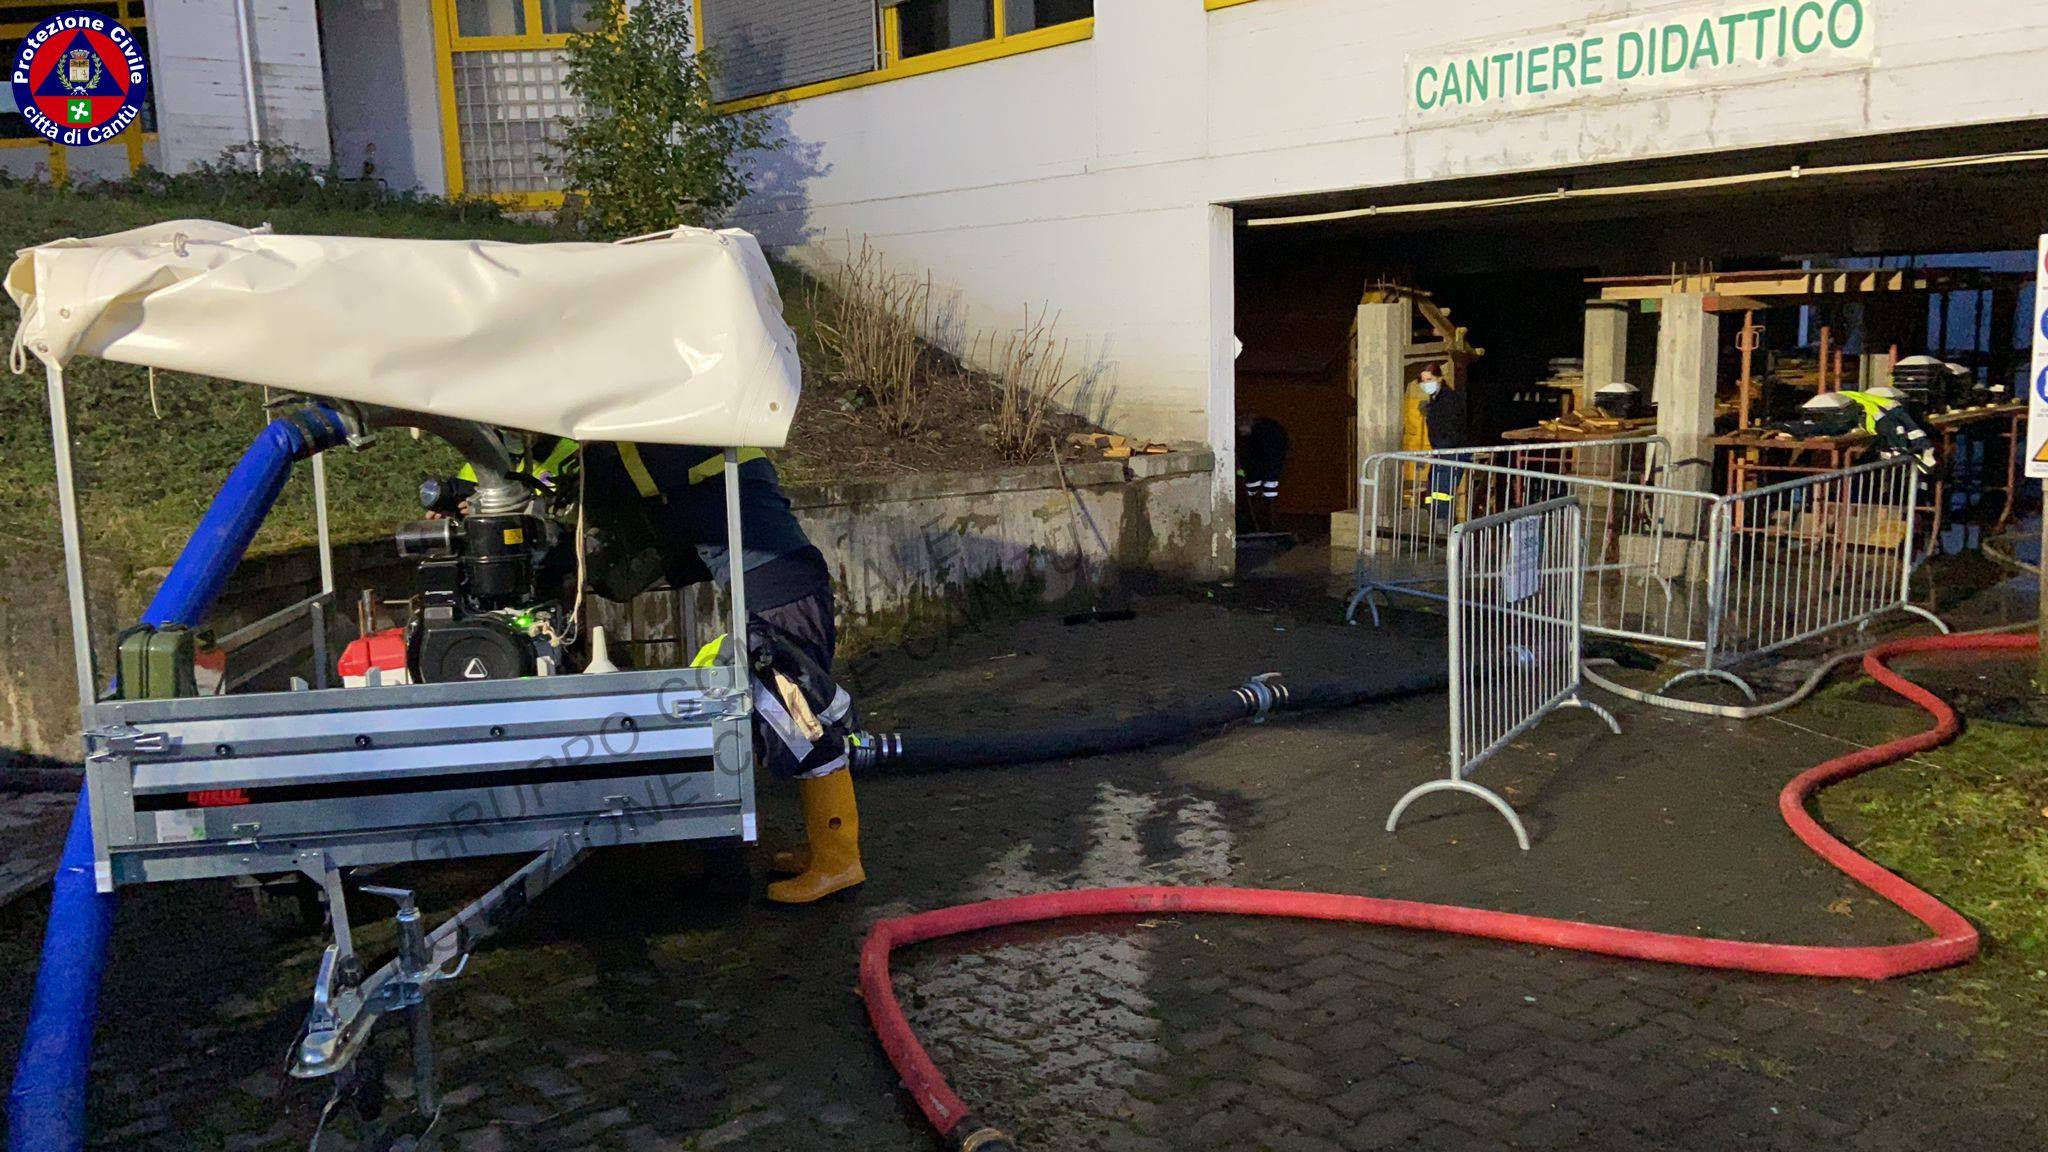 CANTÙ - Rotto l'antincendio, si allaga il seminterrato ...